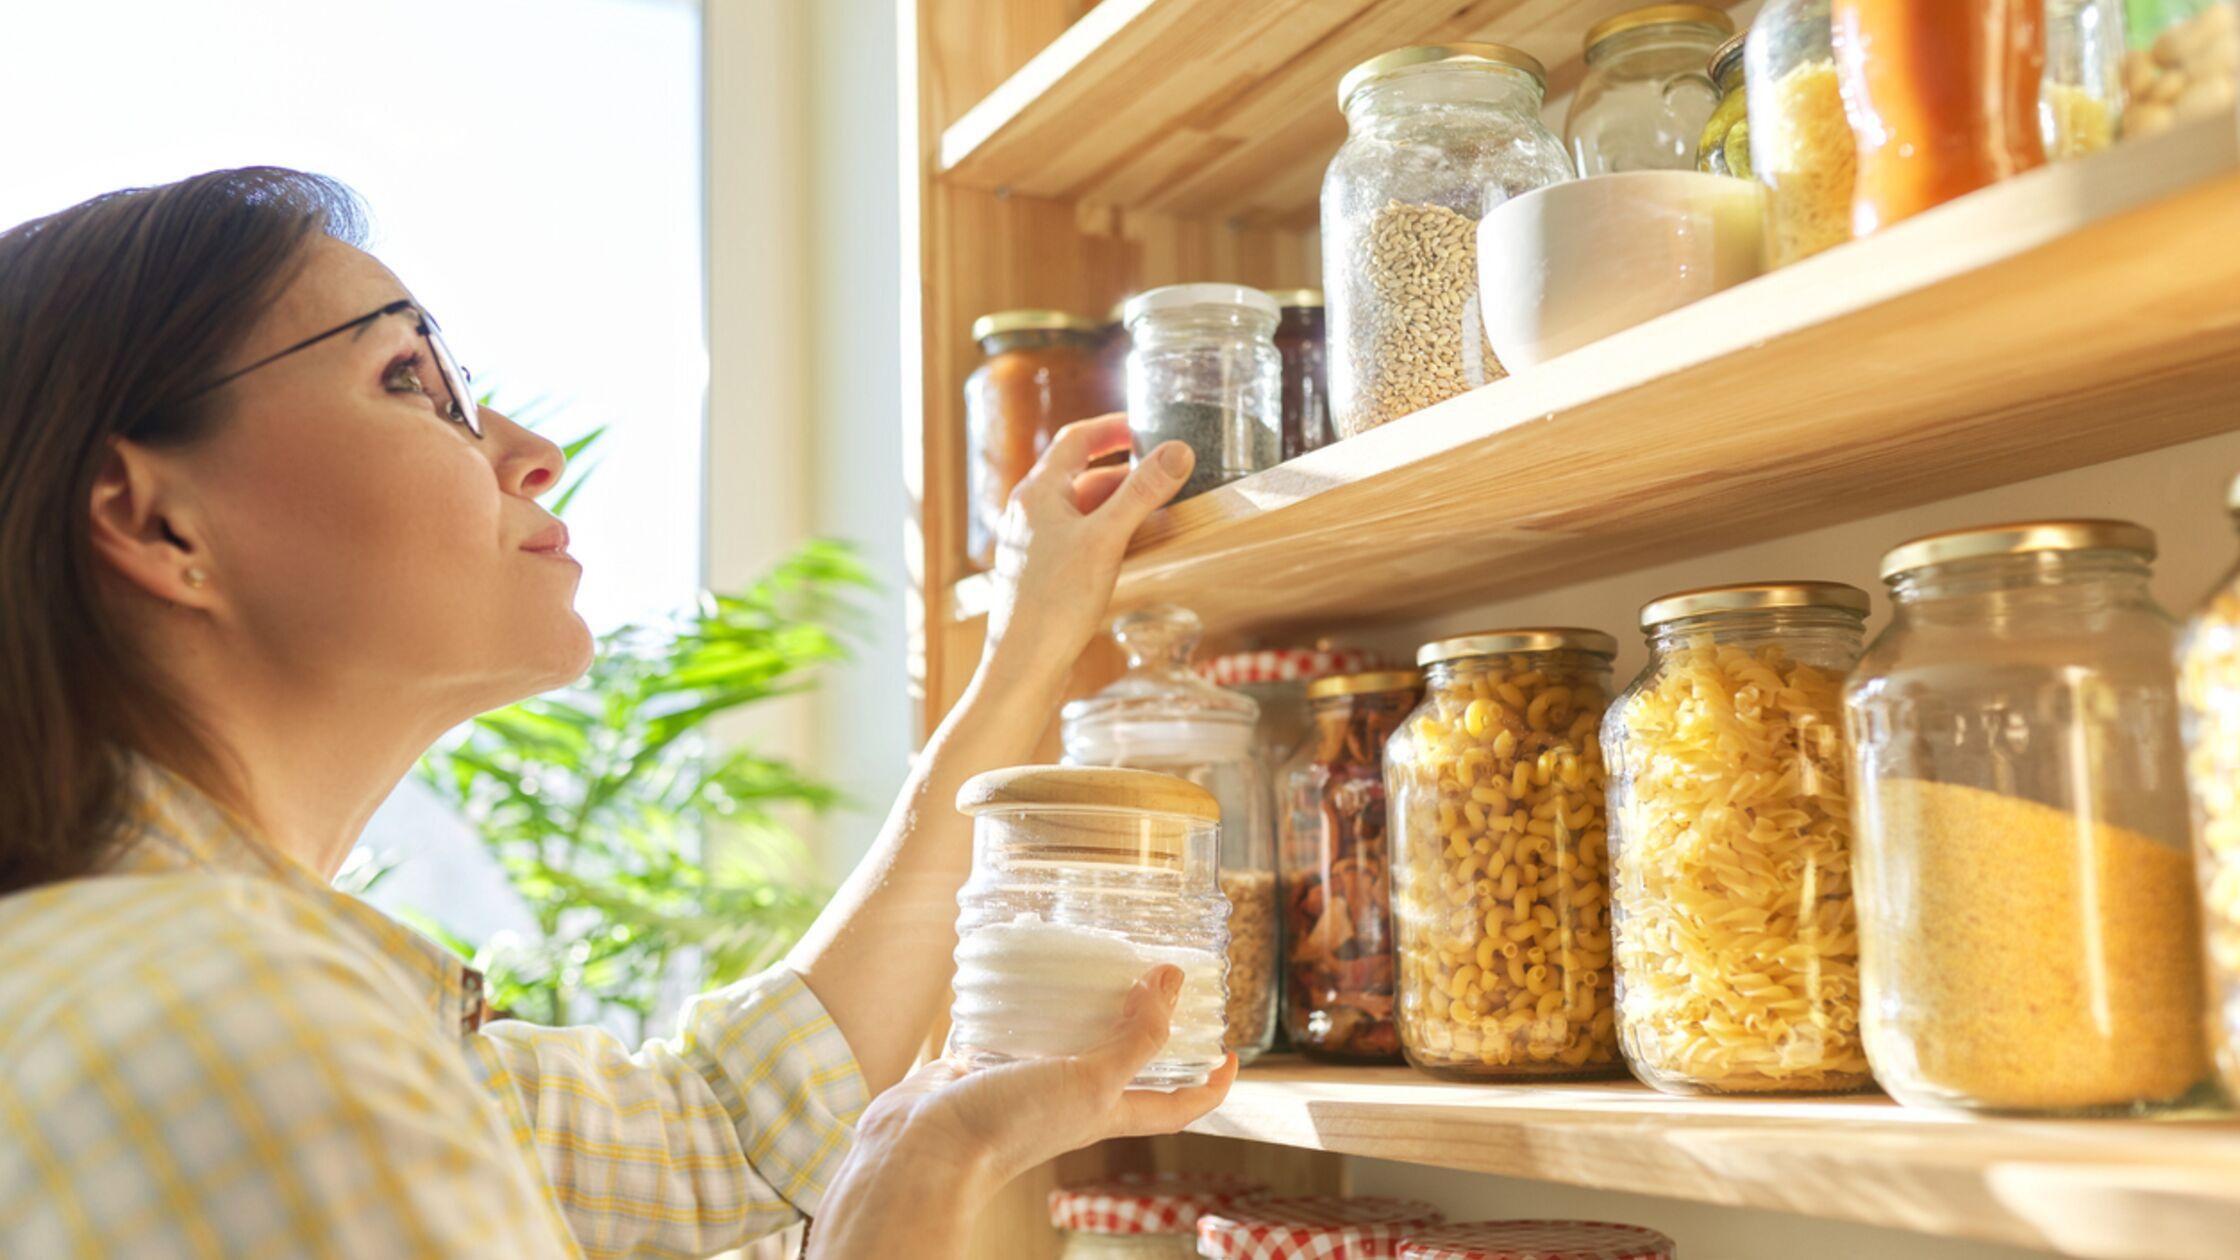 Speisekammer einrichten: Ideen und Tipps für den Vorratsraum